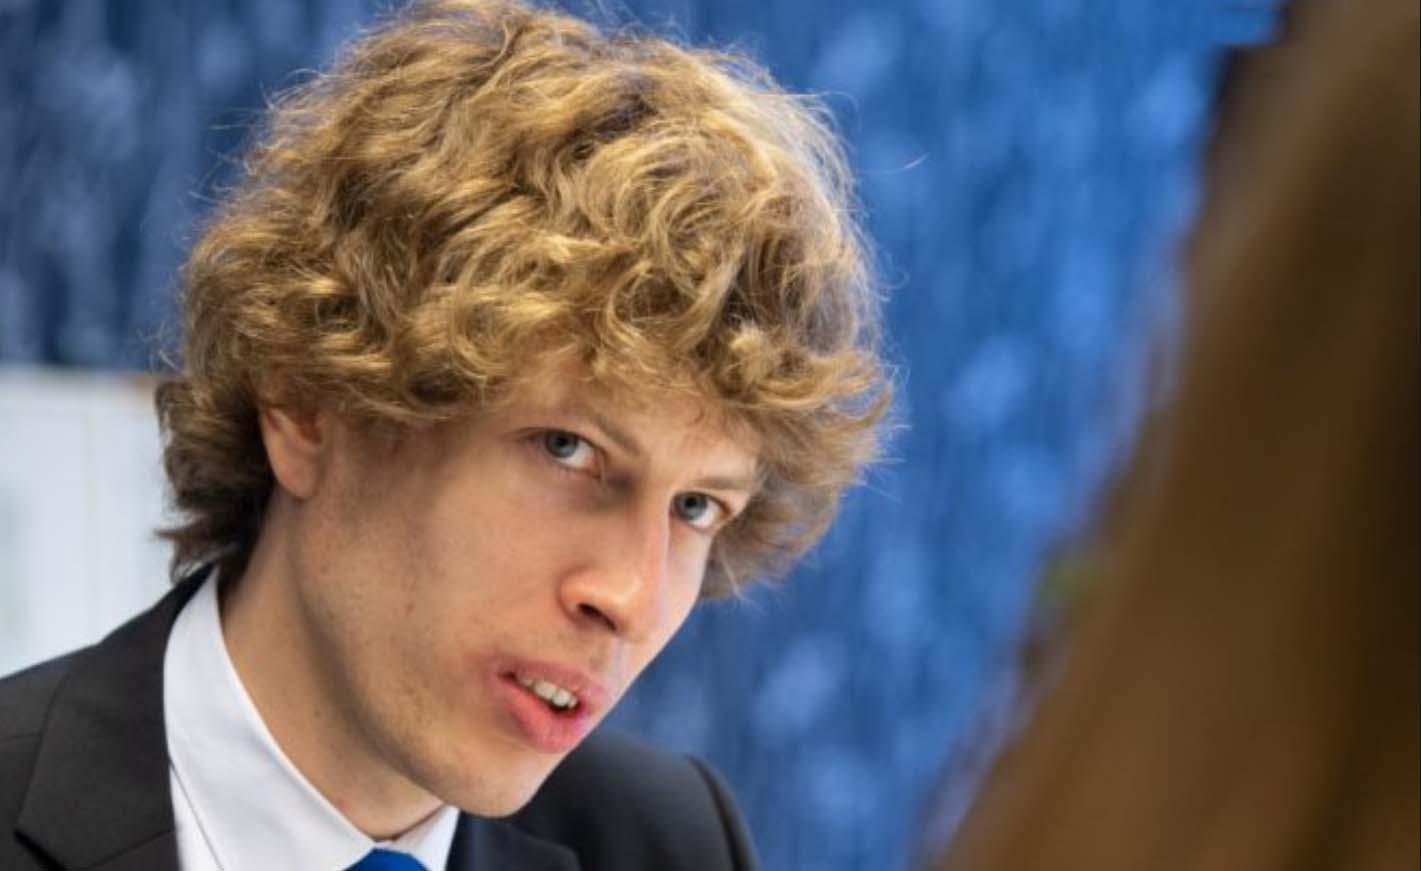 Sotsiaalminister Kiik õigustab homoaktivistide riiklikku rahastamist: lõpetage vähemuste tagakiusamine ja näidishukkamine